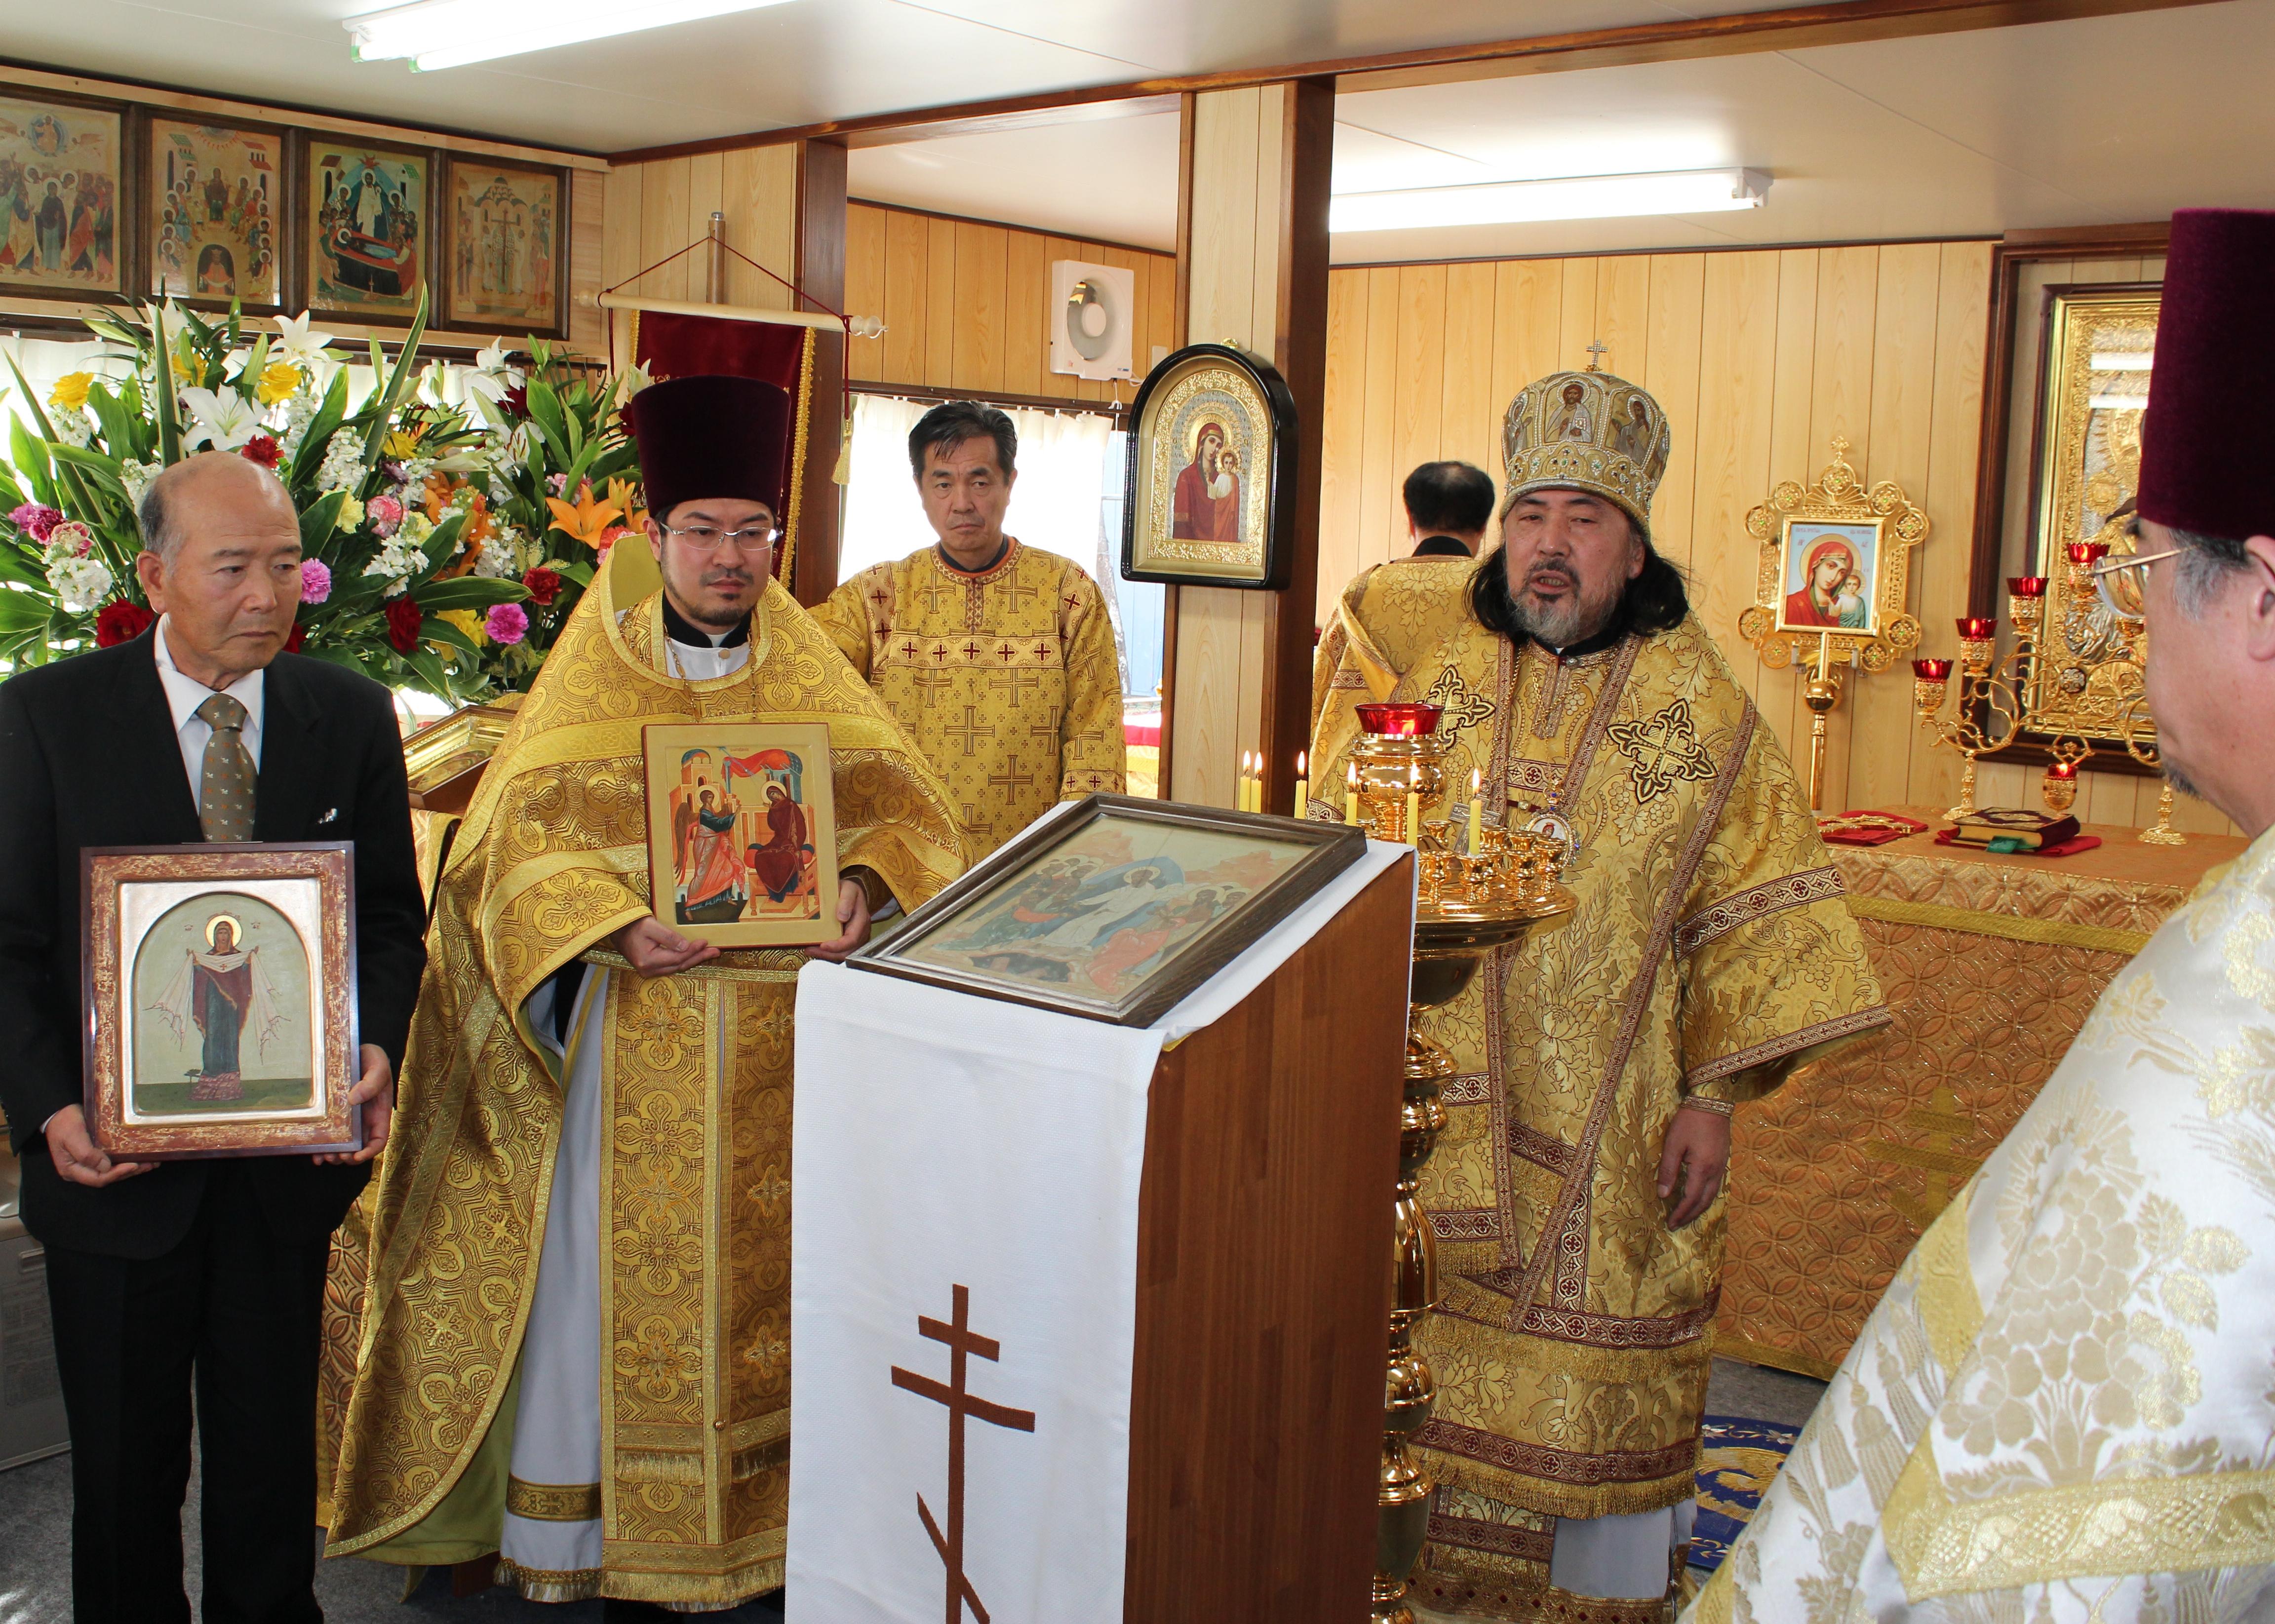 セラフィム大主教座下の祝辞